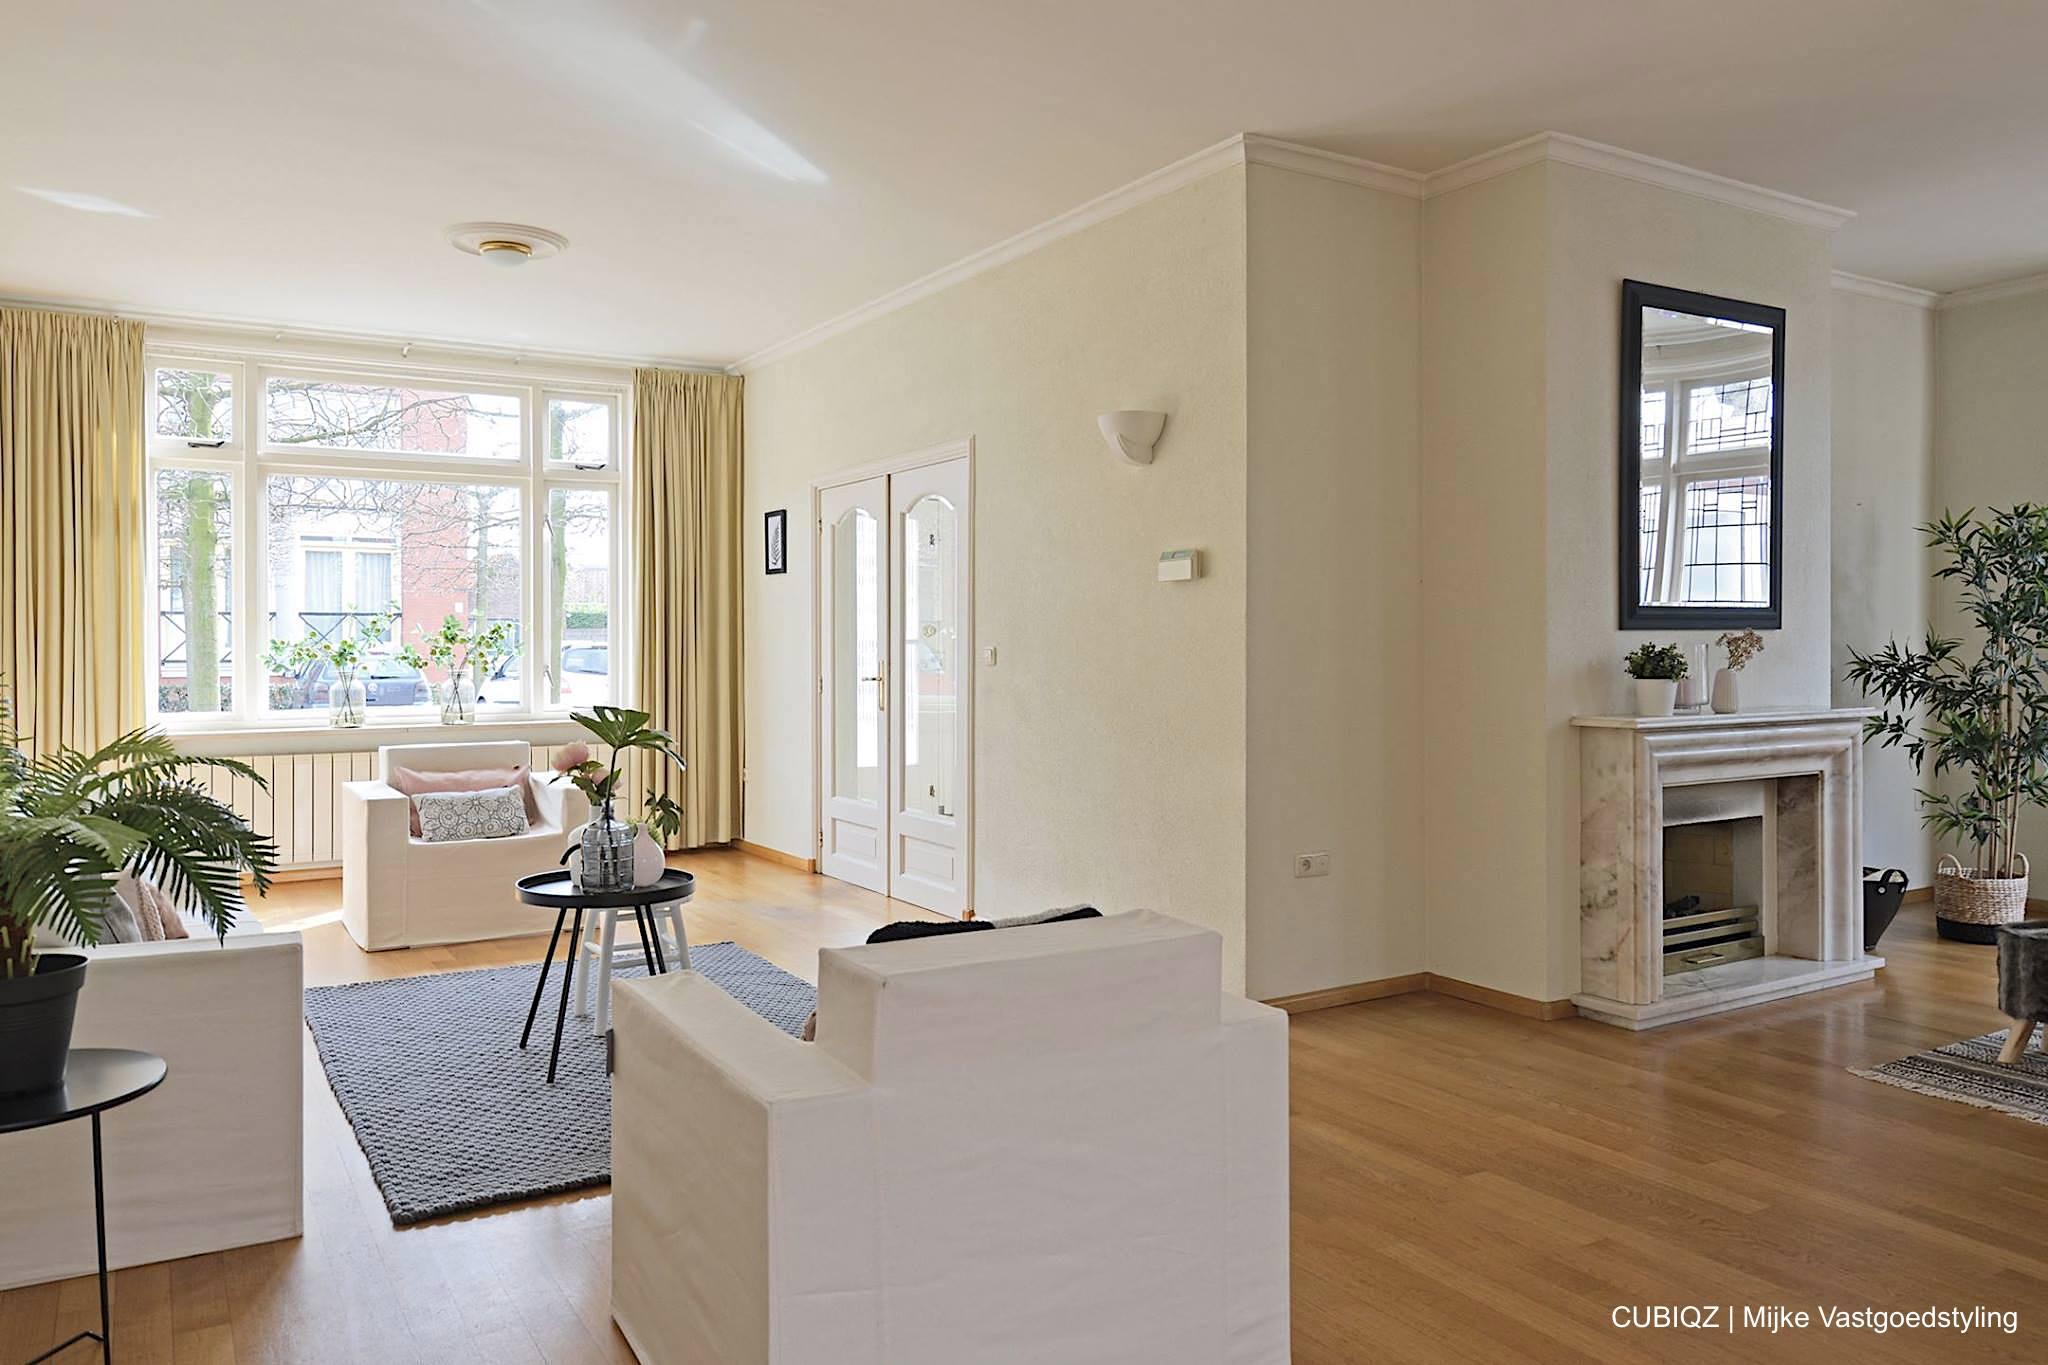 6. CUBIQZ muebles de cartón sirven para crear una puesta en escena y son ideales para la presentación de una vivienda en venta o alquiler